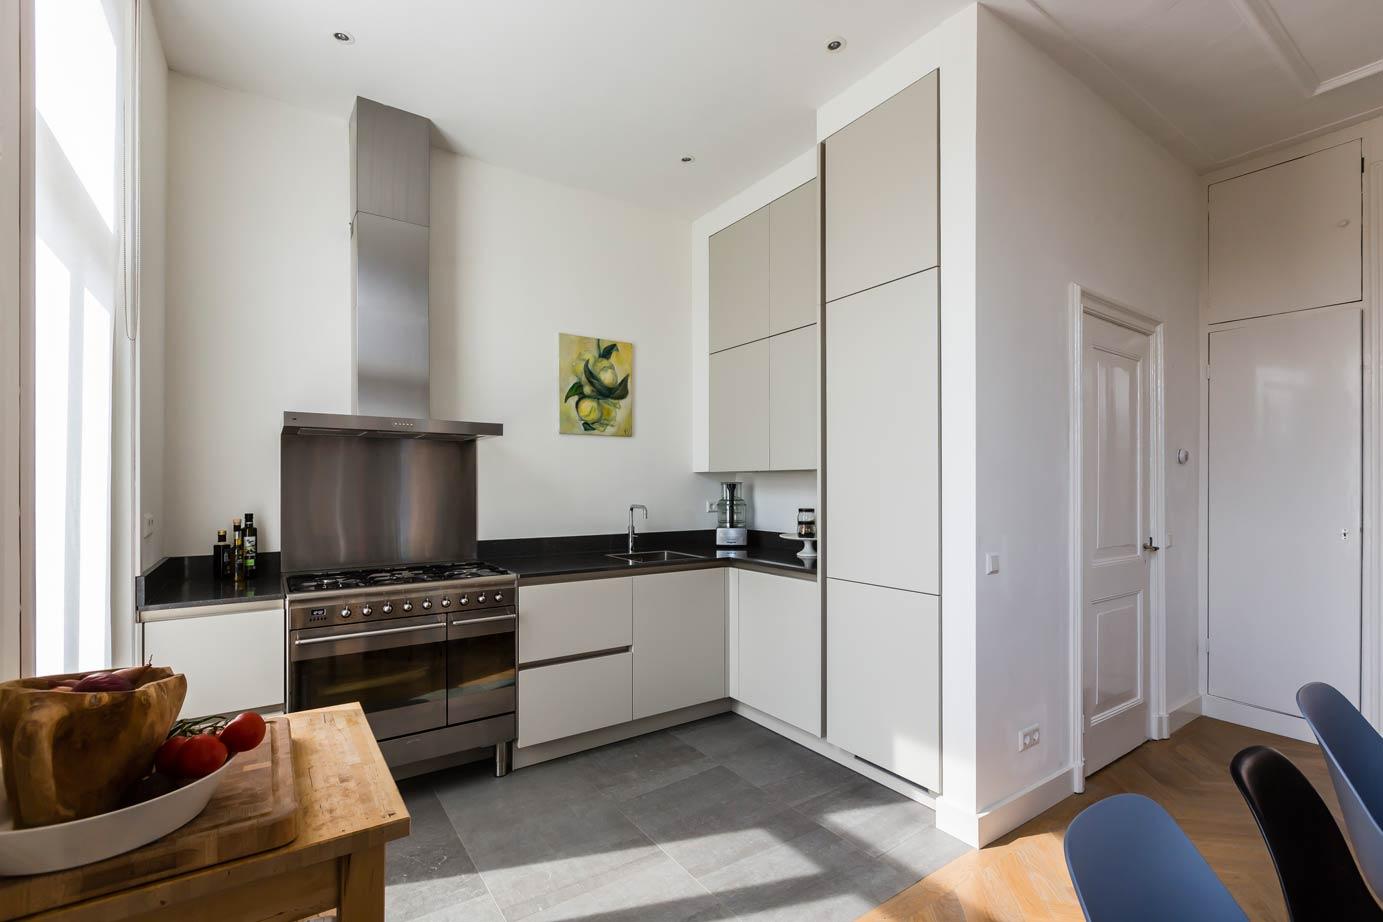 Keuken Badkamer Rijssen : Keuken en badkamer kopen utrecht lees klantervaring db keukens